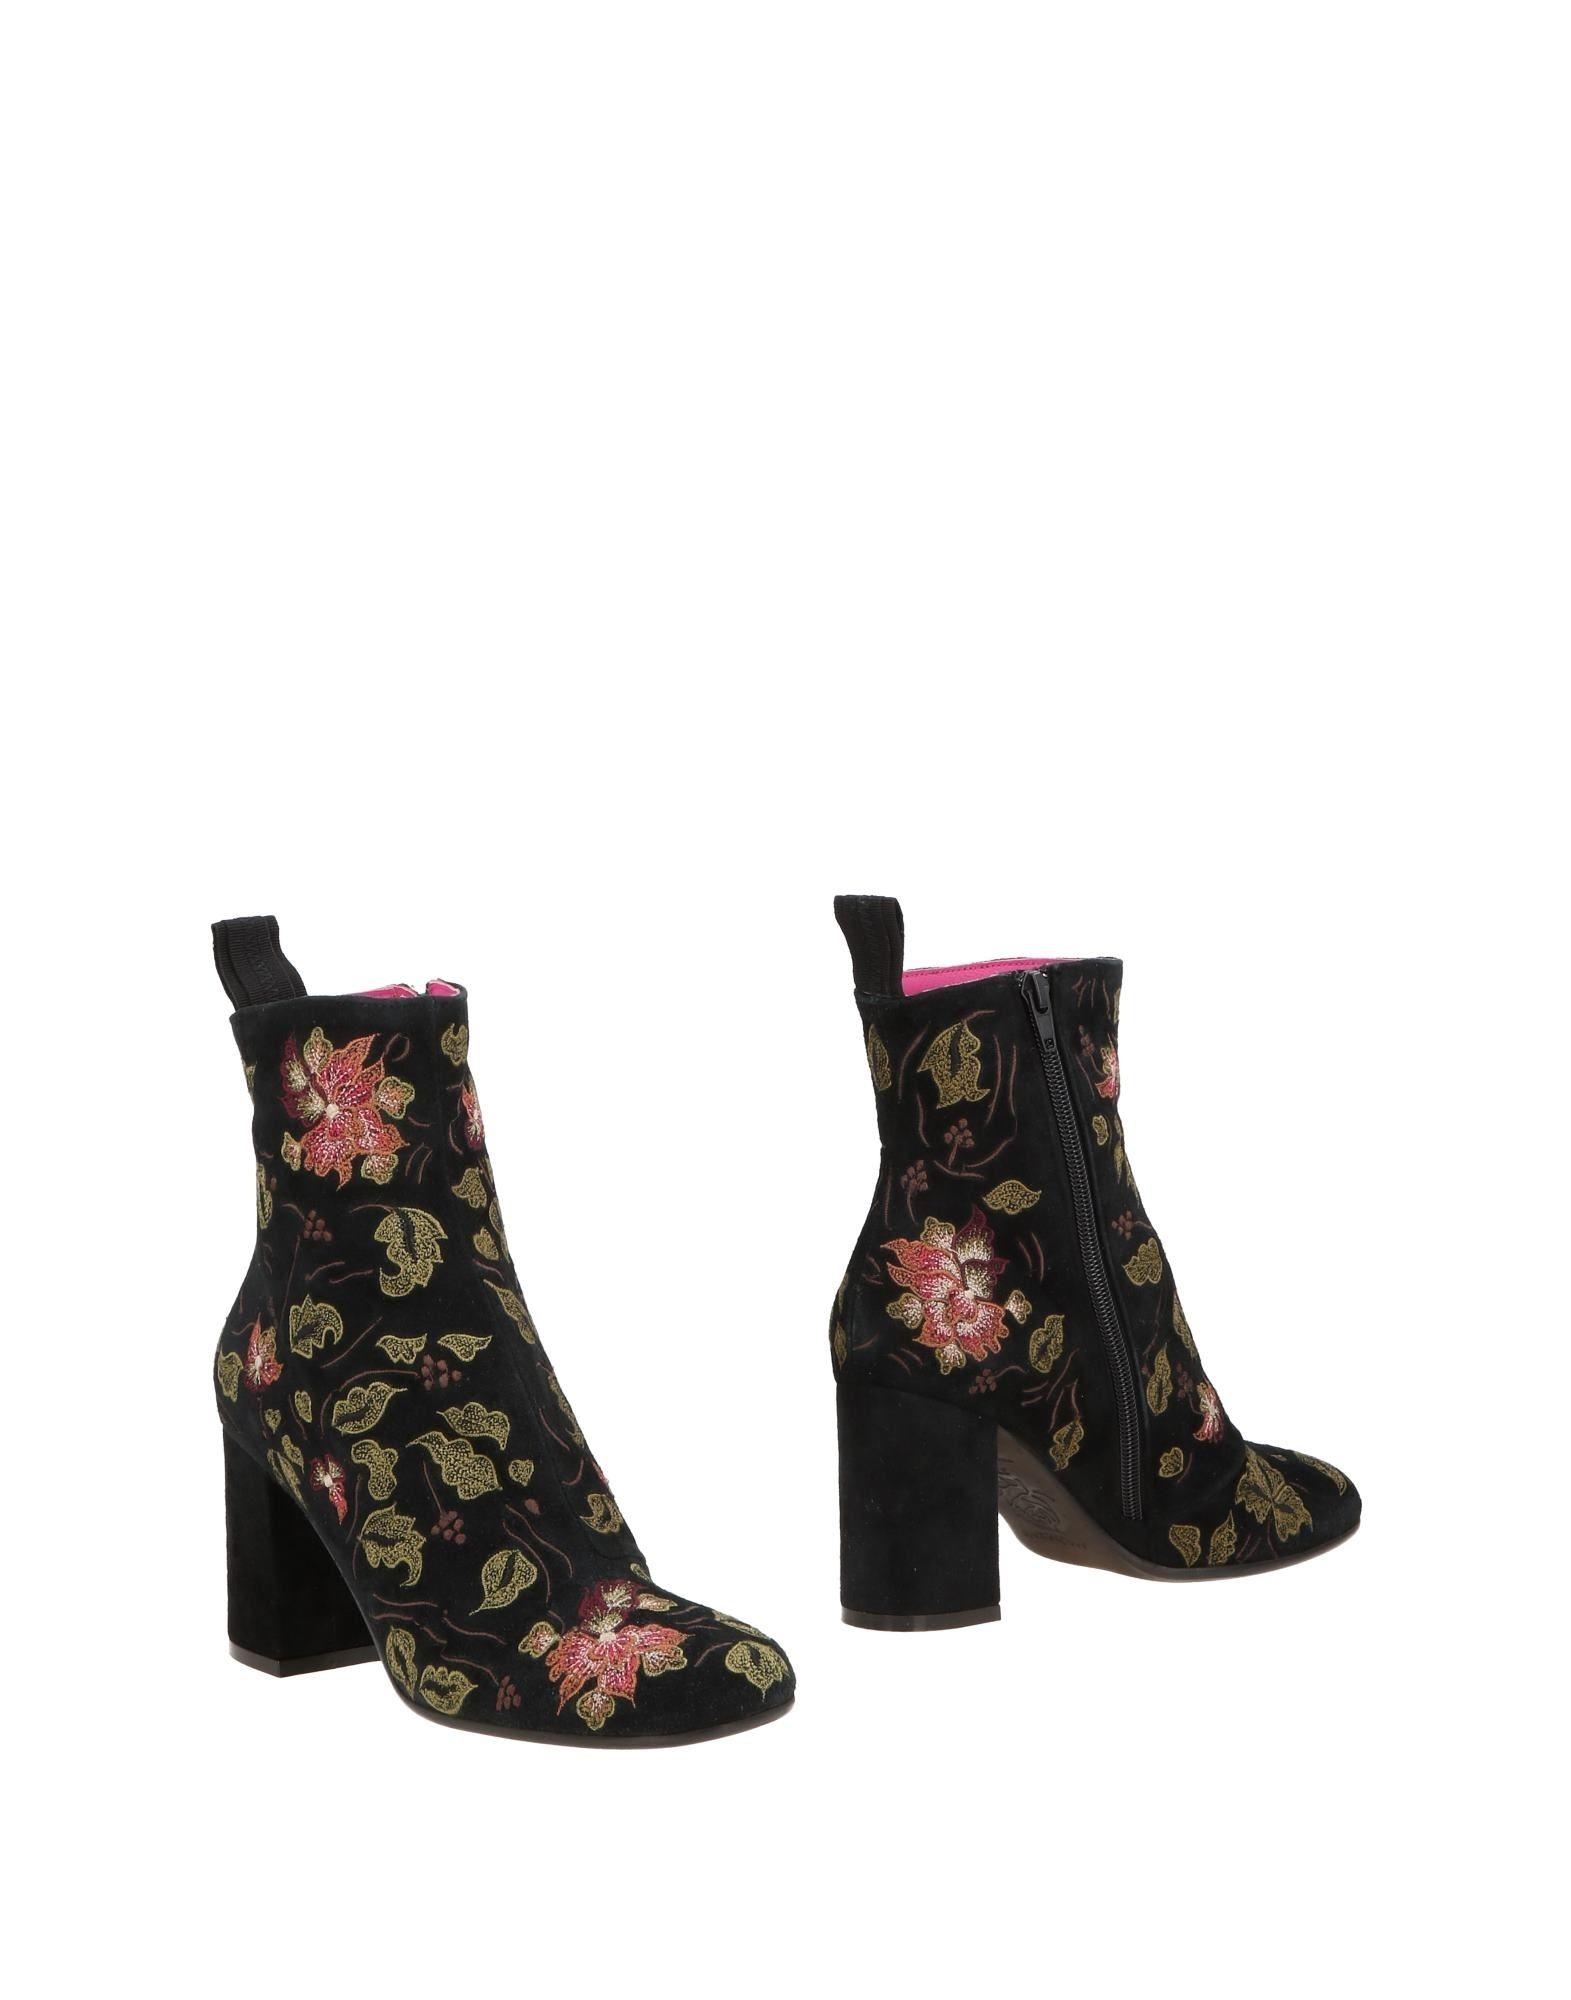 Malìparmi Ankle Boot - Women Malìparmi  Ankle Boots online on  Malìparmi Australia - 11497461OR 657cbc